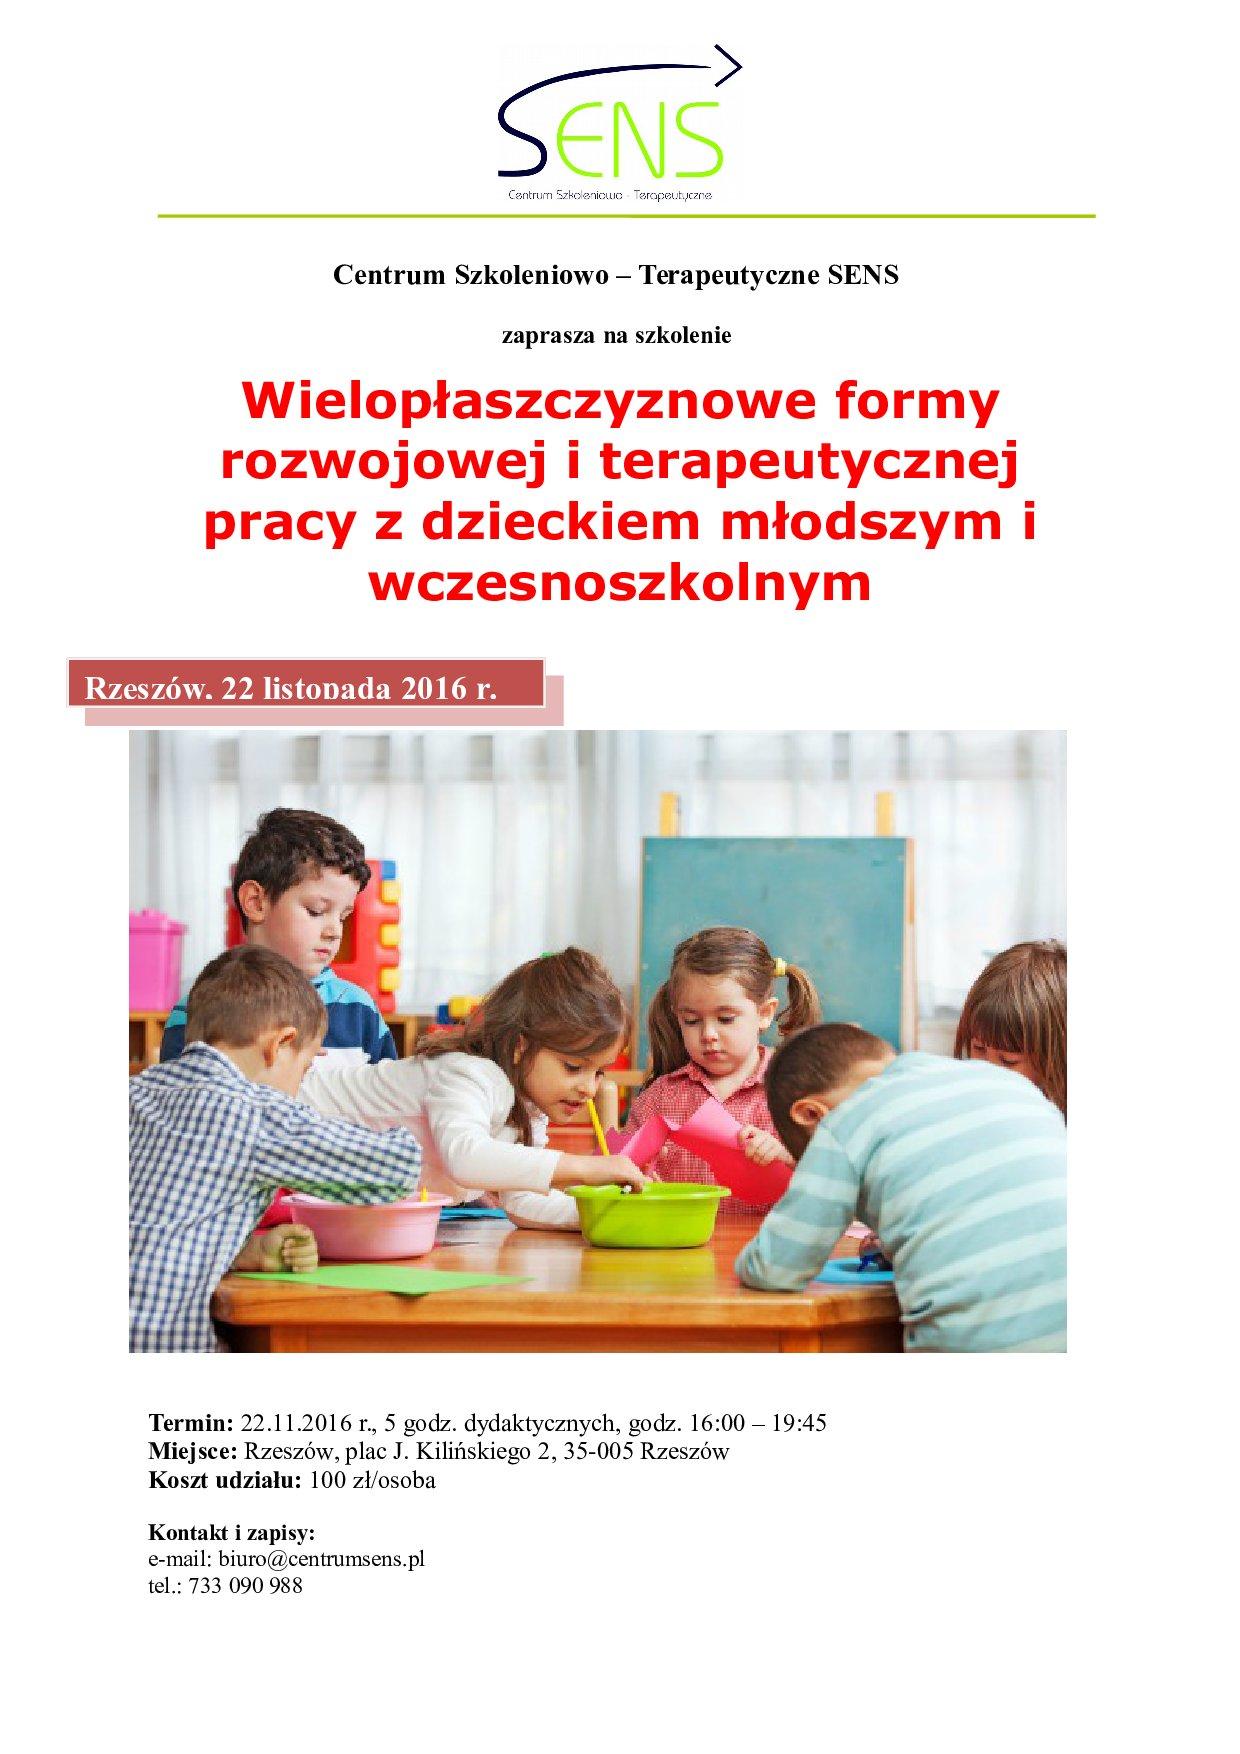 Rzeszów. Wielopłaszczyznowe formy pracy z dzieckiem. 22.11.2016 r.